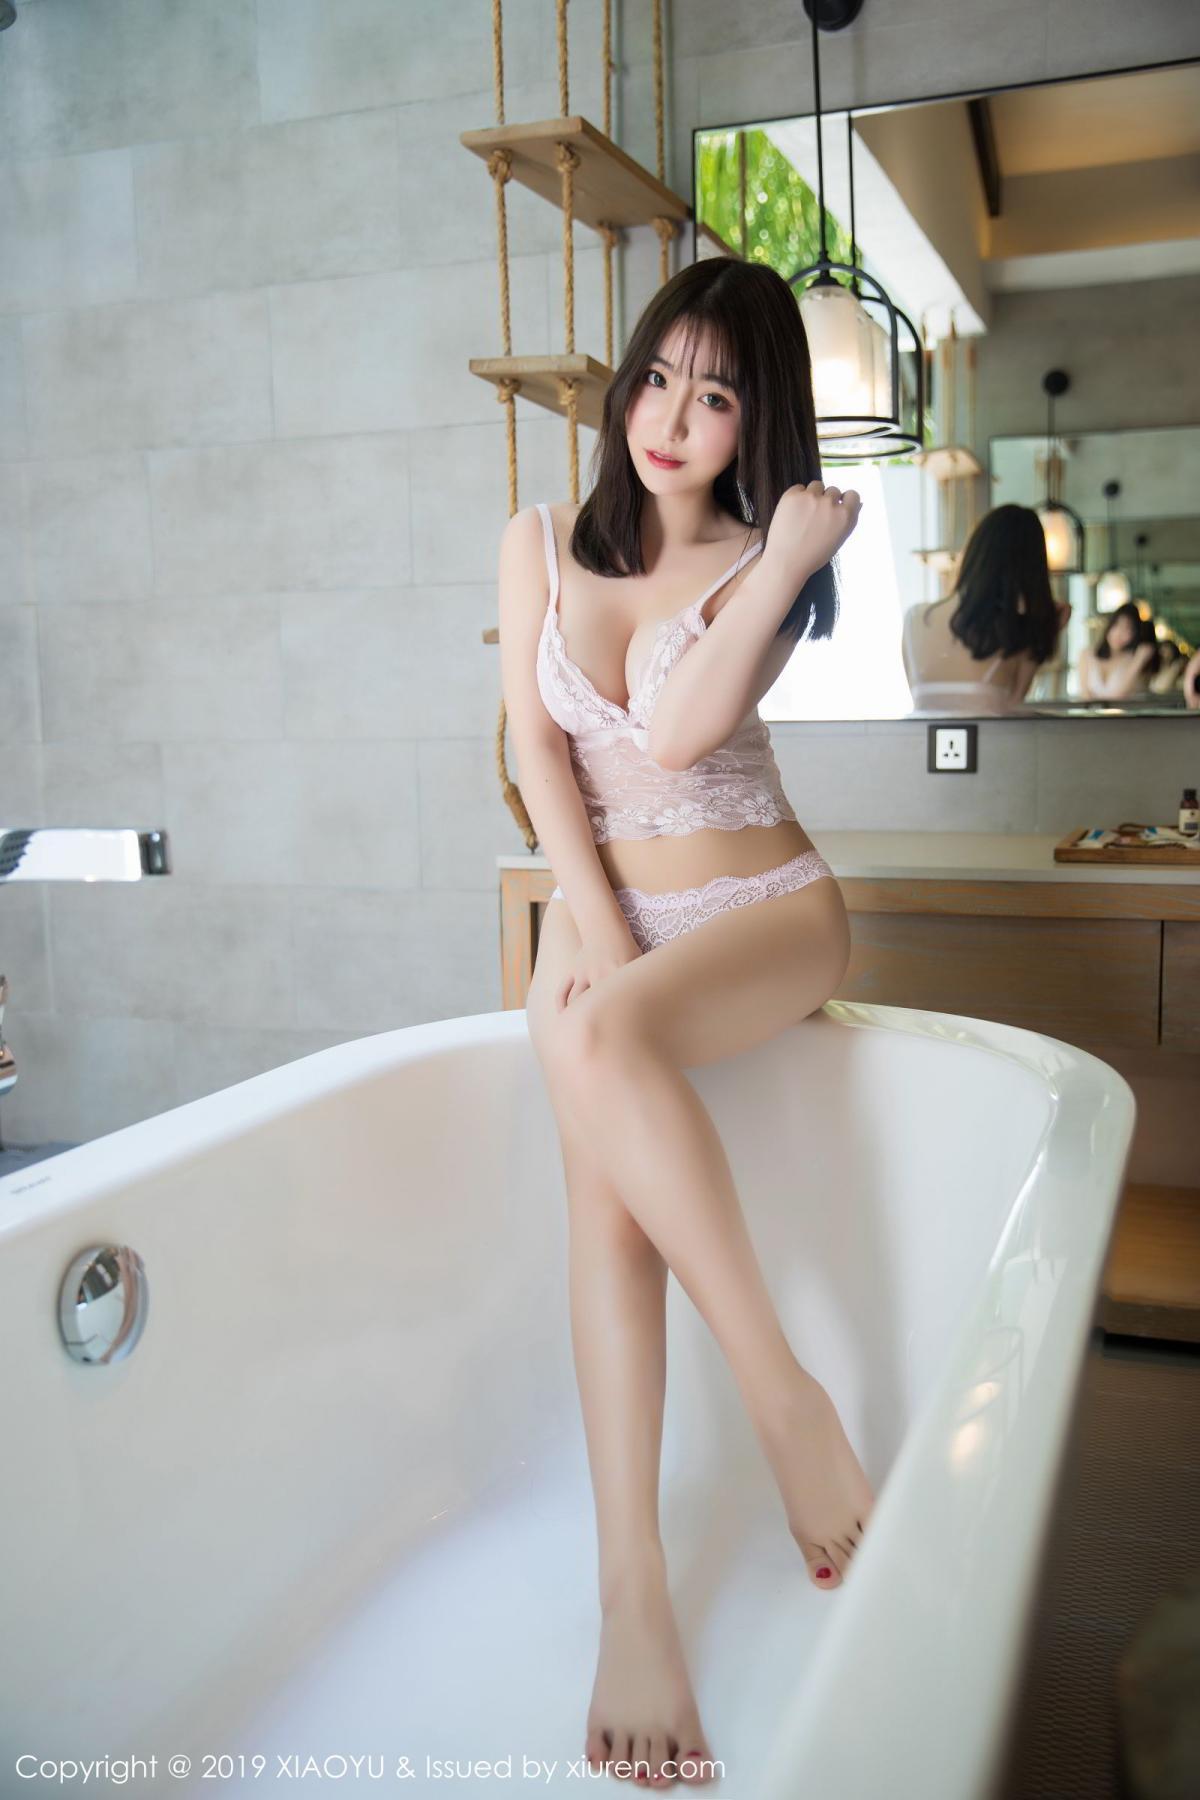 [XiaoYu] Vol.147 Xie Zhi Xin 51P, Bathroom, Big Booty, Wet, XiaoYu, Xie Zhi Xin